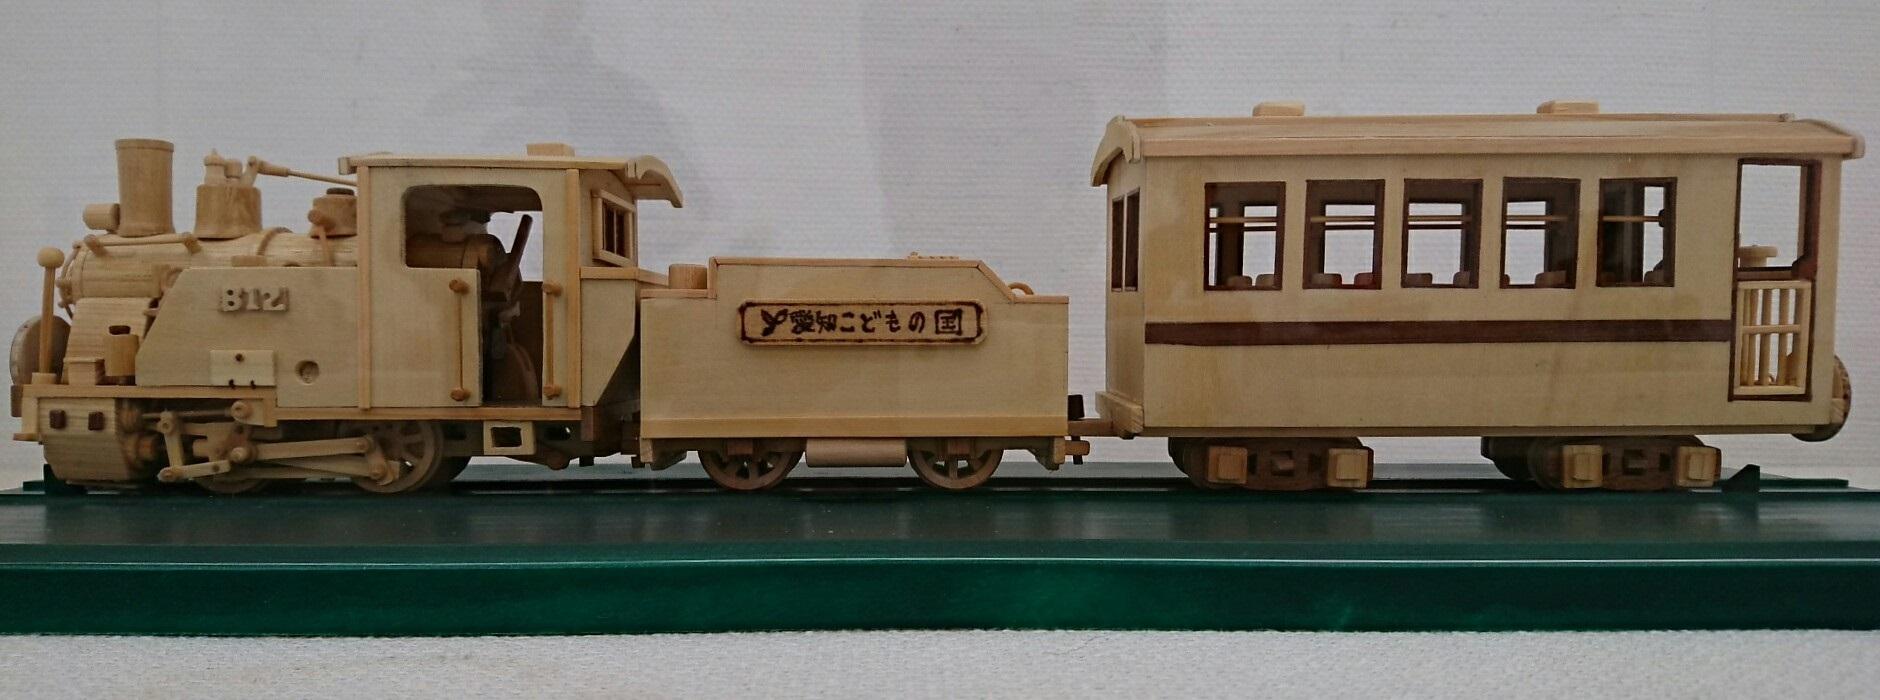 2018.3.21 木工細工蒸気機関車展 (1) しおかぜ号 1880-700